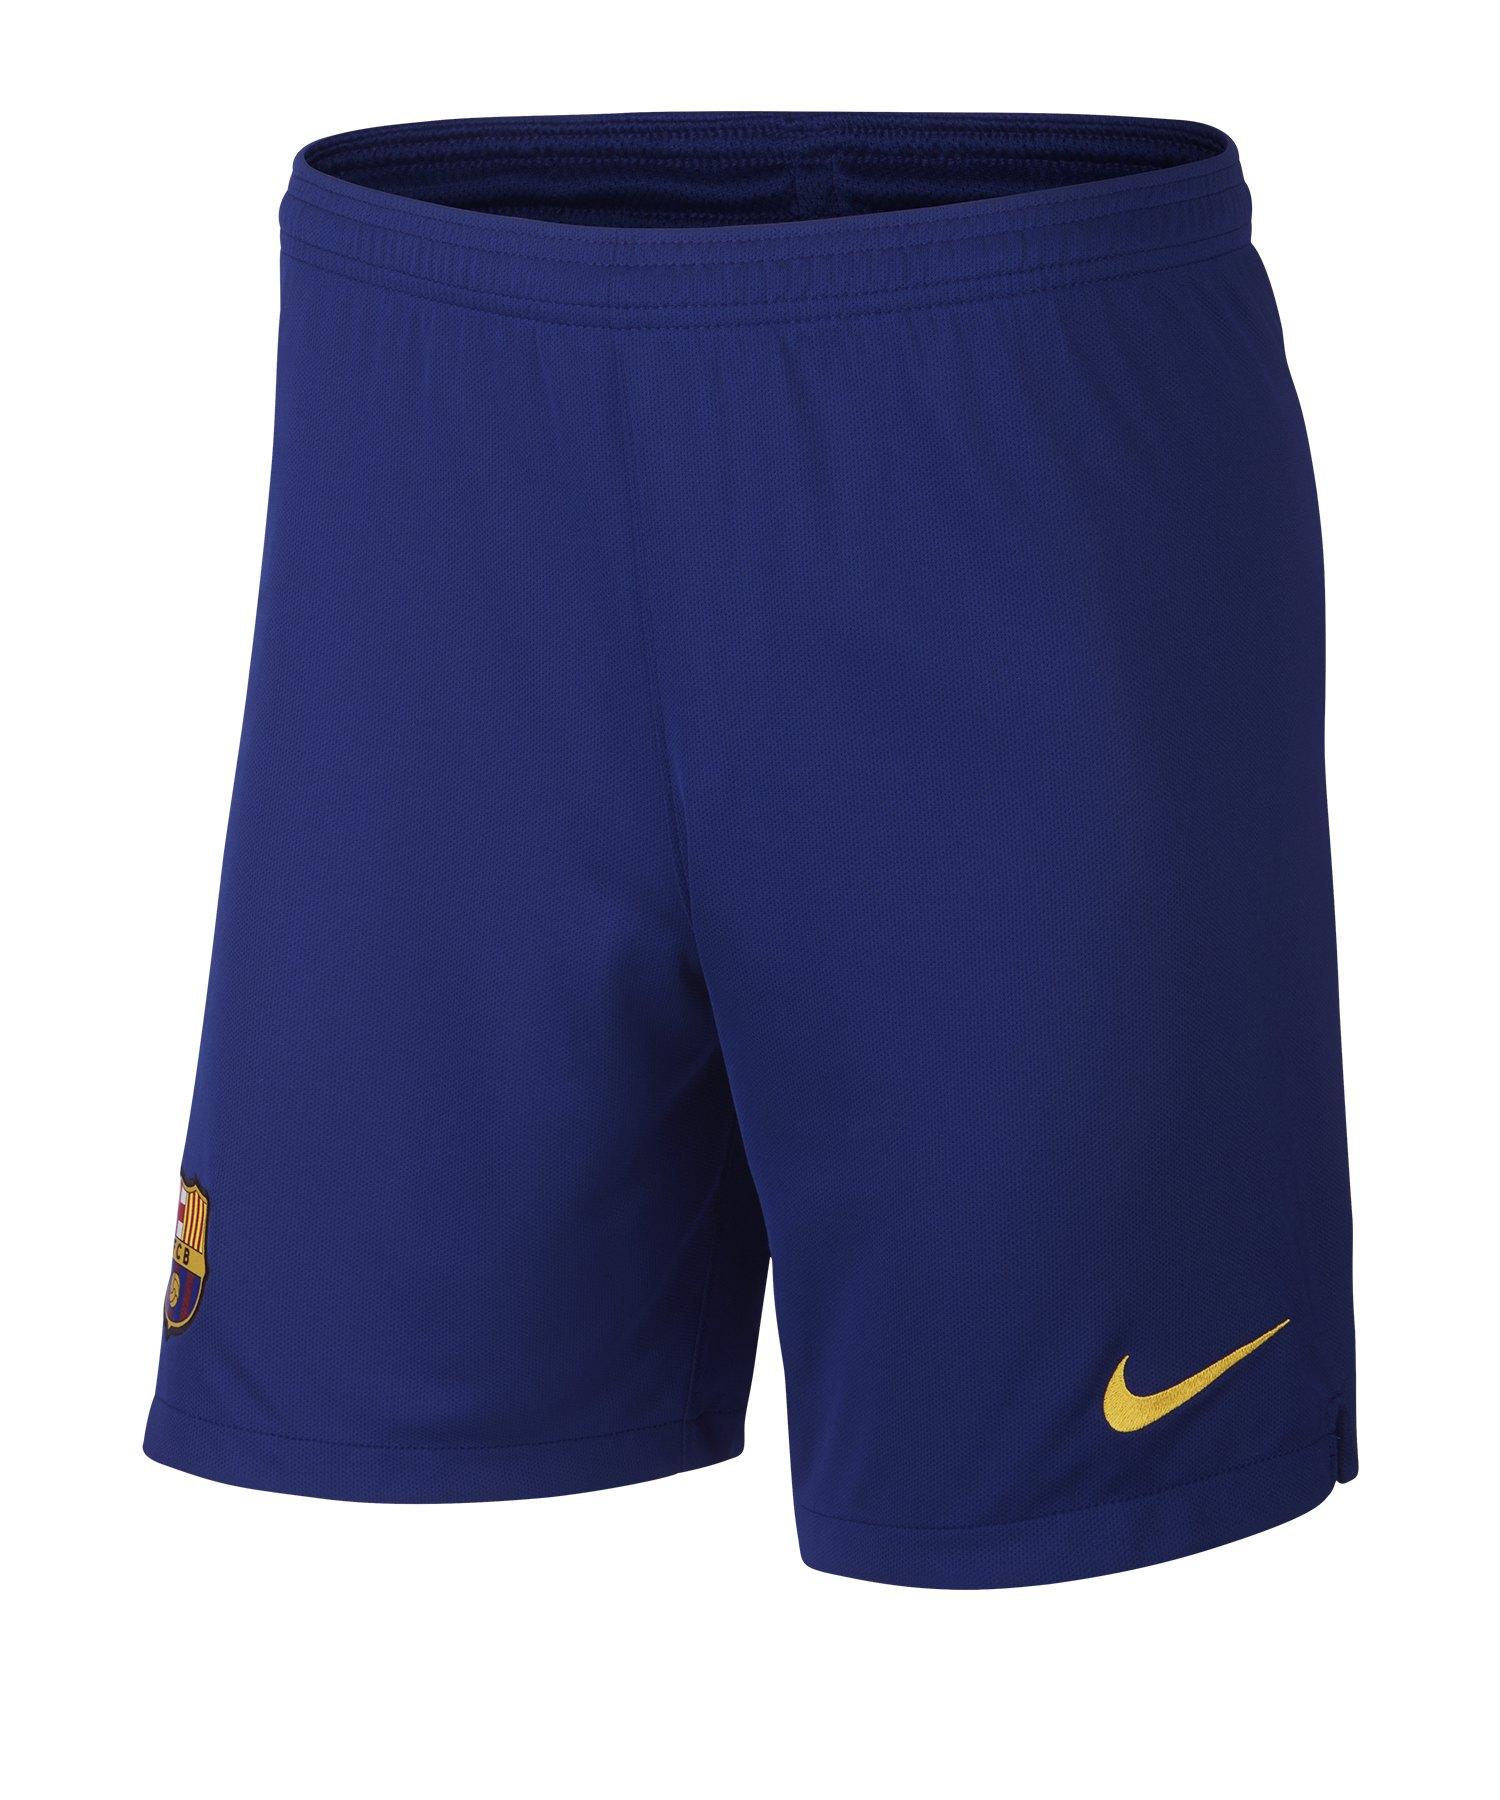 Nike FC Barcelona Short Home 2019/2020 Blau F455 - Blau